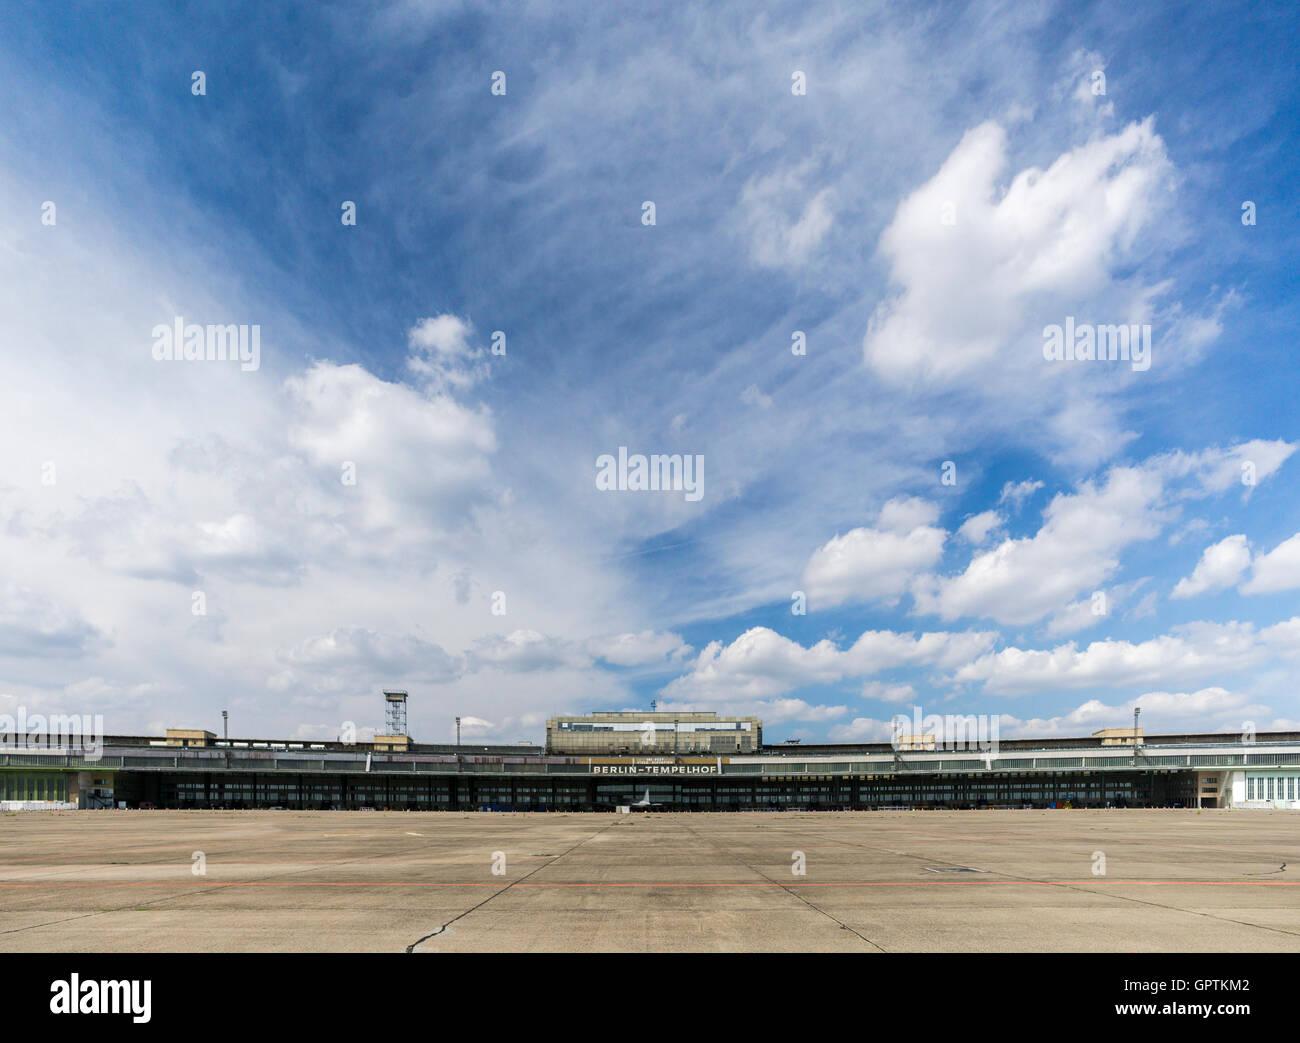 Tempelhof Airport - Stock Image